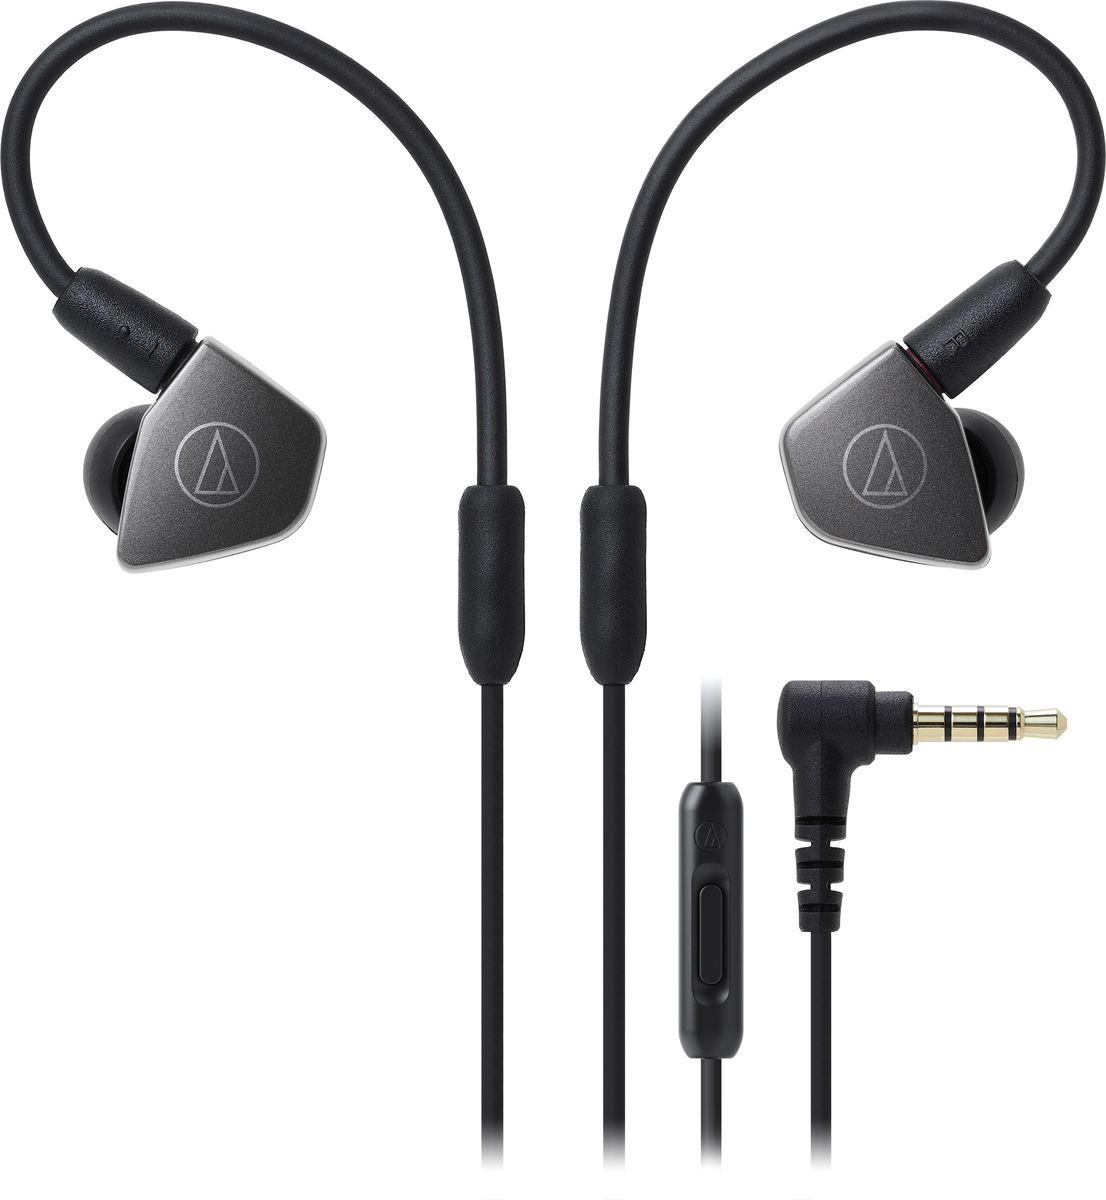 Audio-Technica ATH-LS70iS наушники, Gray15119539Внутриканальные наушники АТН-LS70iS имеют сдвоенные излучатели работающие синфазно и уменьшающие деформацию мембраны, тем самым обеспечивая сбалансированное звучание с мощным басом. А диафрагмы с углеродным покрытием позволяют добиться более чистого и детального звука в широком диапазоне частот. Корпус модели выполнен из прочного ABS-пластика, что способствует снижению нежелательных резонансов.АТН-LS70iS оснащены съемным кабелем с разъемом A2DC, который снижает переходное затухание и улучшает разделение каналов. Кабель имеет микрофон и пульт управления, с помощью которого вы сможете управлять звонками и воспроизведением музыки. Гибкость кабеля с памятью формы позволит подобрать удобную посадку в ухе, что сказывается на фиксации наушника и комфорте ношения.8,8-мм сдвоенные излучатели.Диафрагмы с углеродным покрытием.Сбалансированное звучание с мощным басом и отличной детальностью.Гибкий съемный кабель с памятью формы.Разъем кабеля A2DC.Функция гарнитуры.Корпус из прочного ABS-пластика.Амбушюры четырех размеров и чехол для хранения в комплекте.